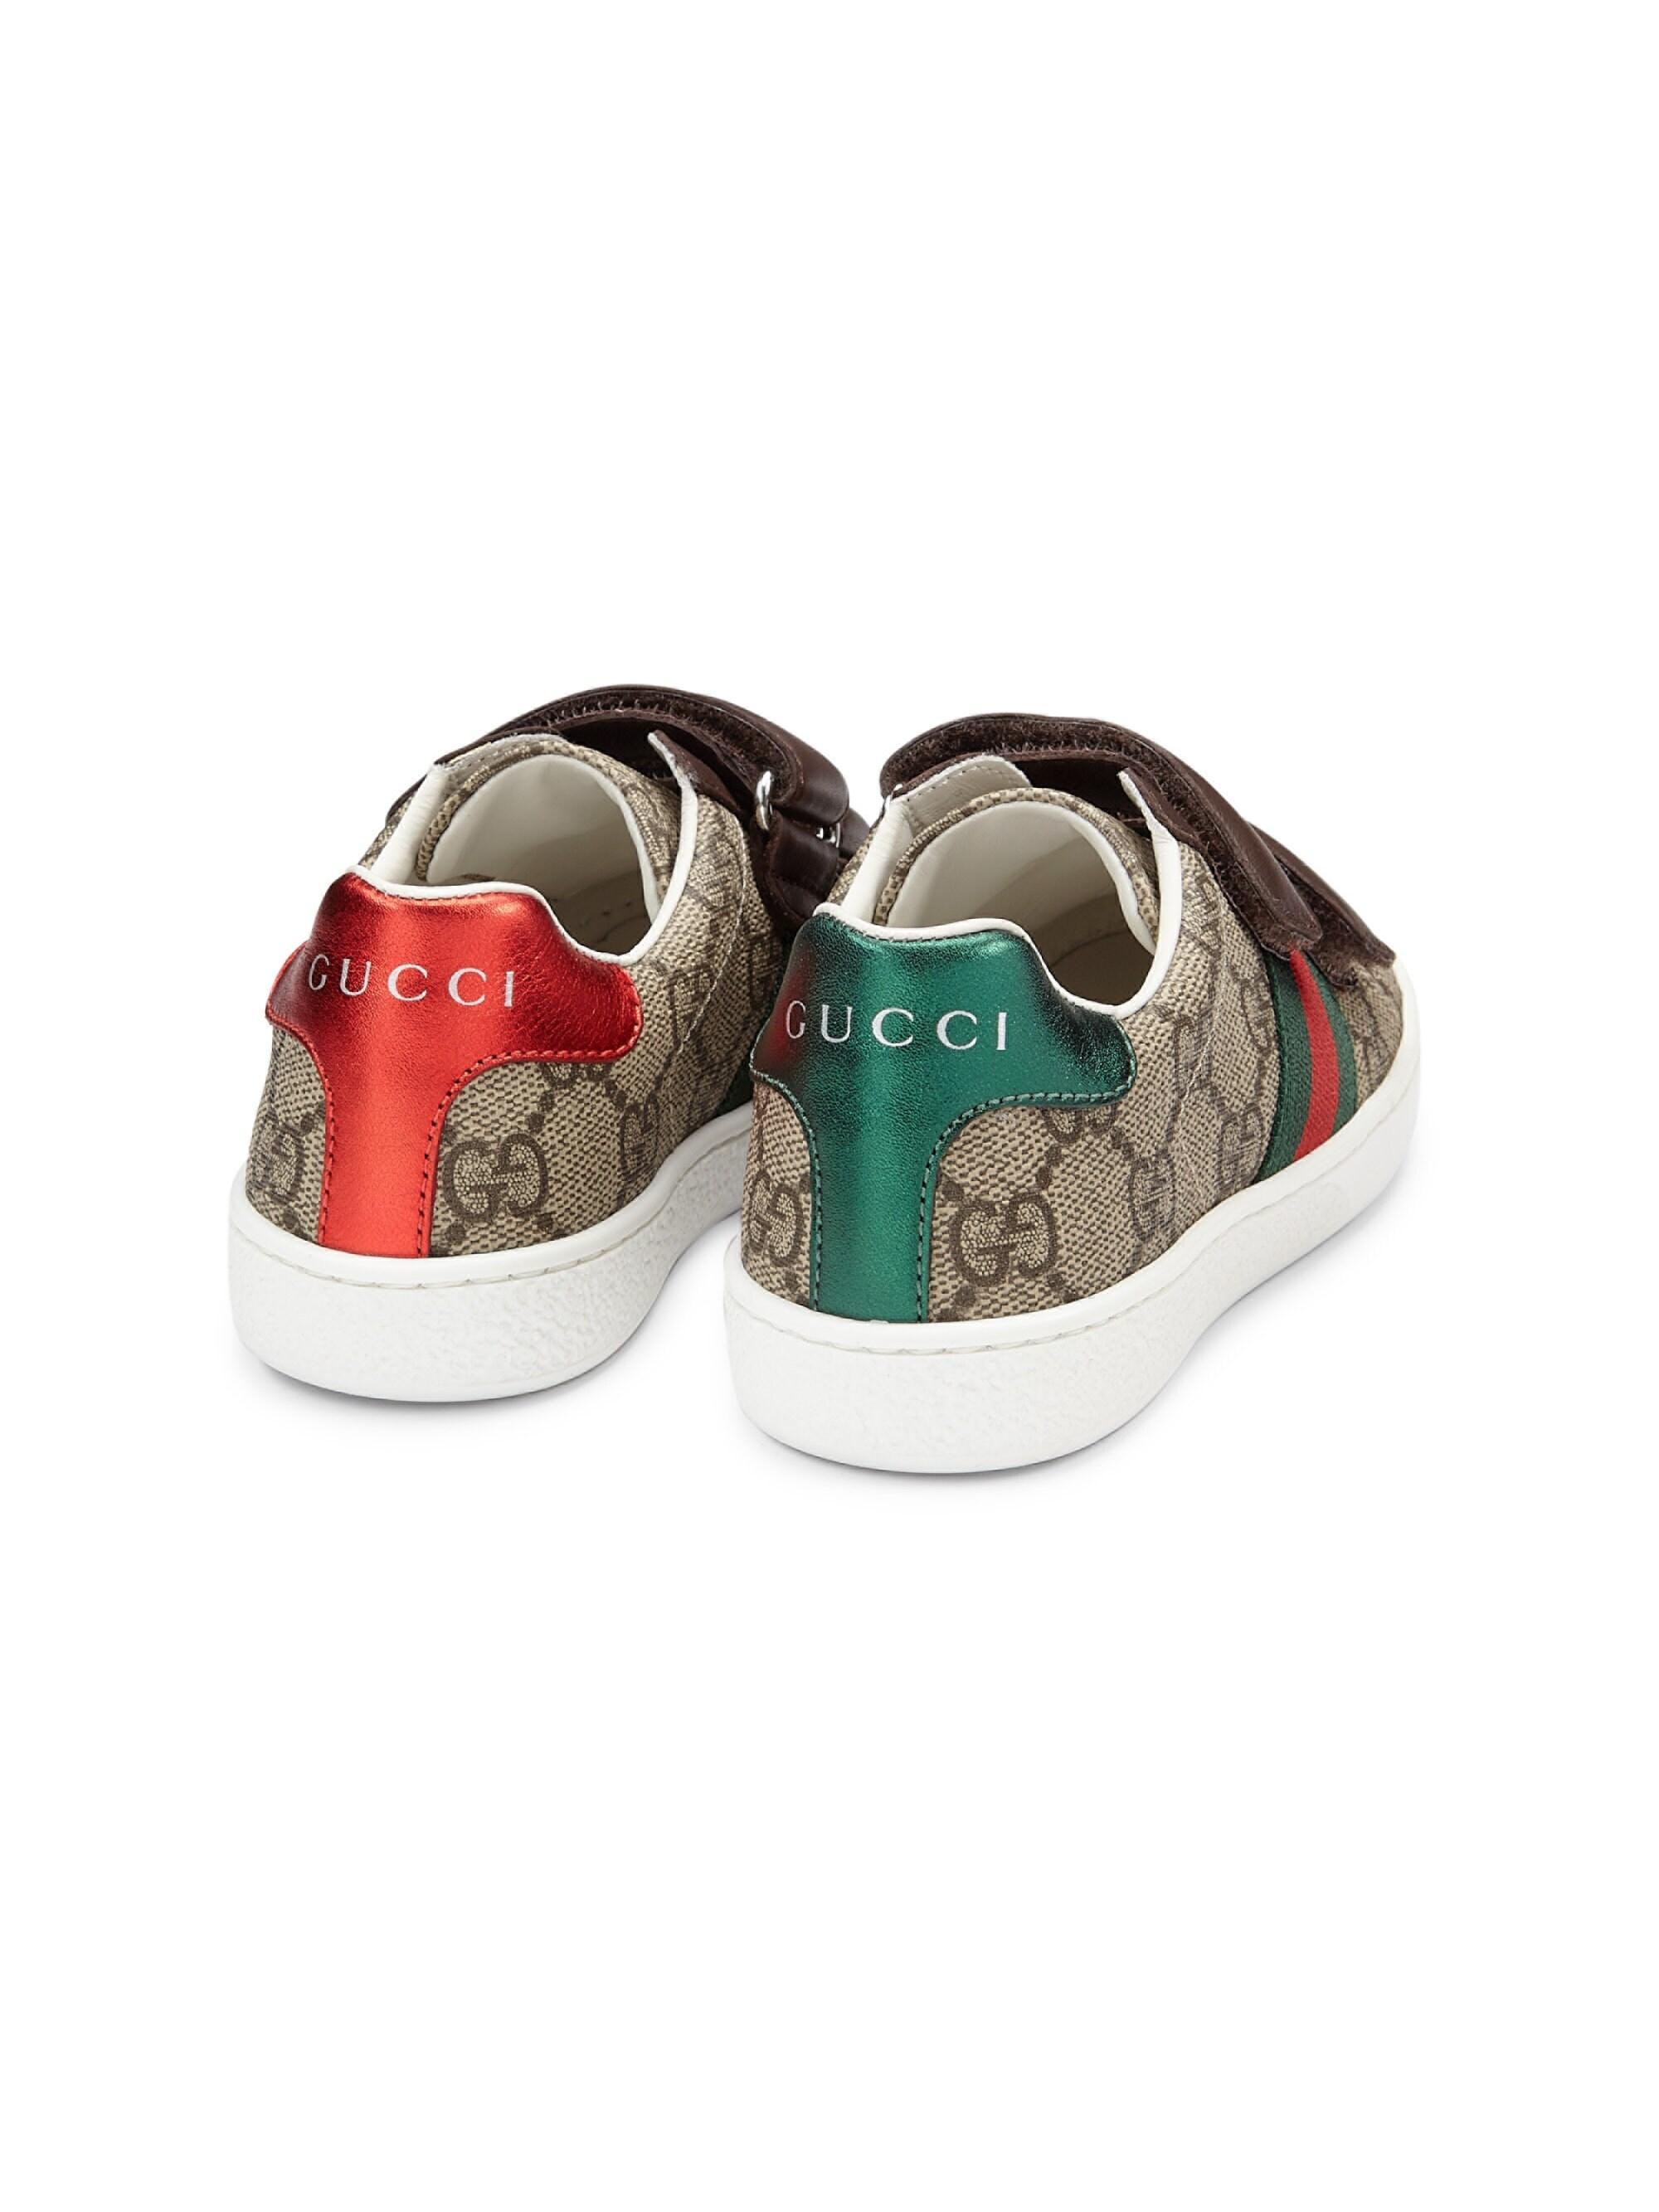 7078e6ceb98 Gucci - Multicolor Kid s GG Supreme Canvas Strap Shoes - Lyst. View  fullscreen